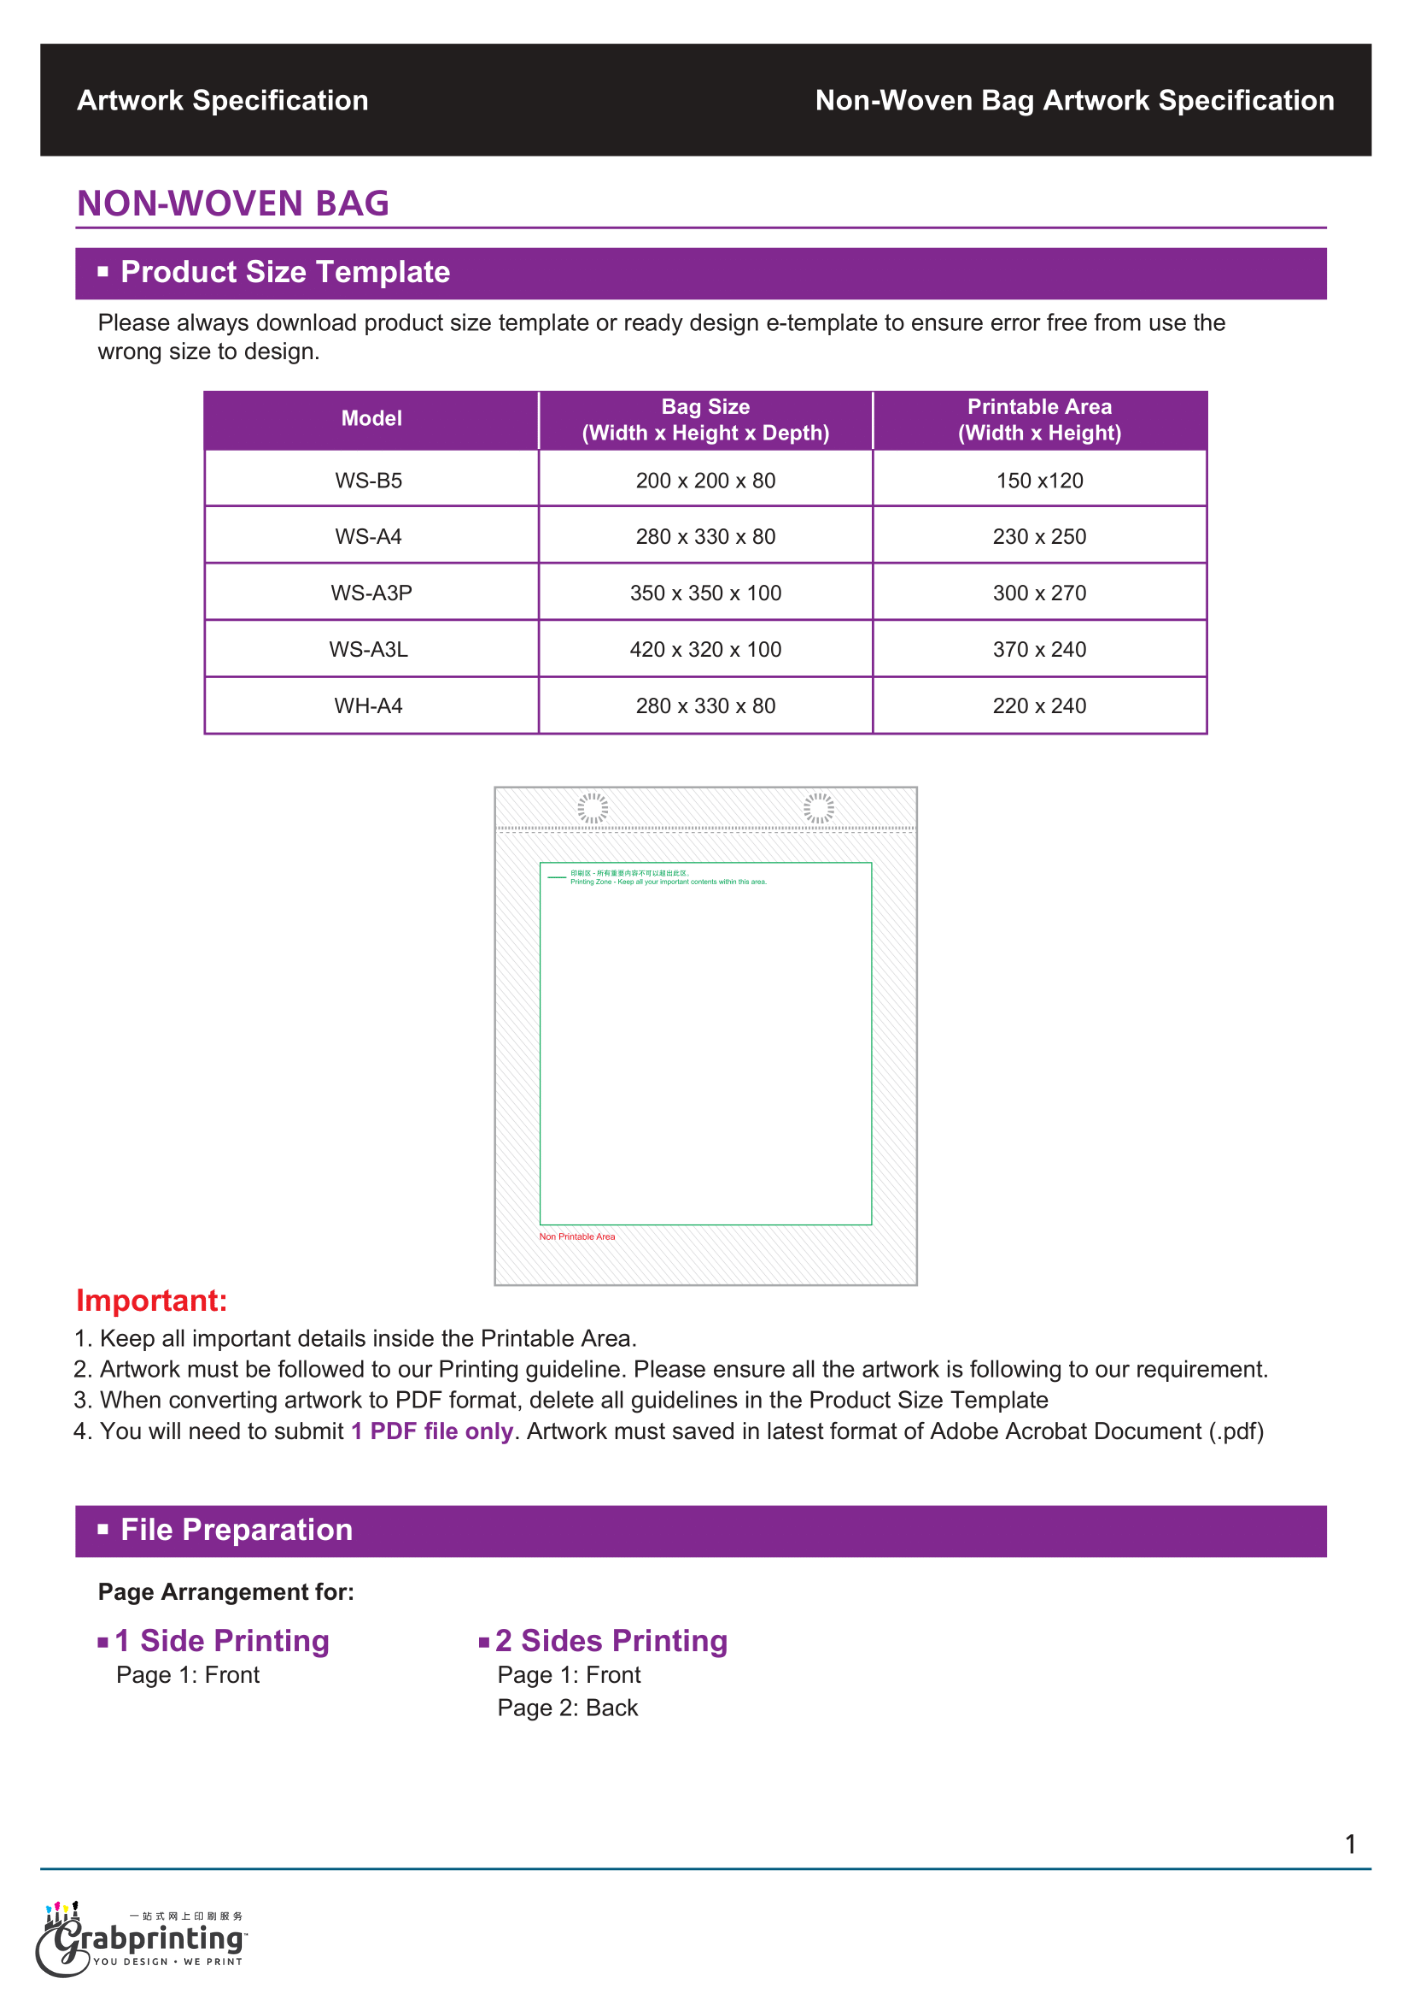 Non Woven Bag Printing Non Woven Bag Printing Artwork Guide 1